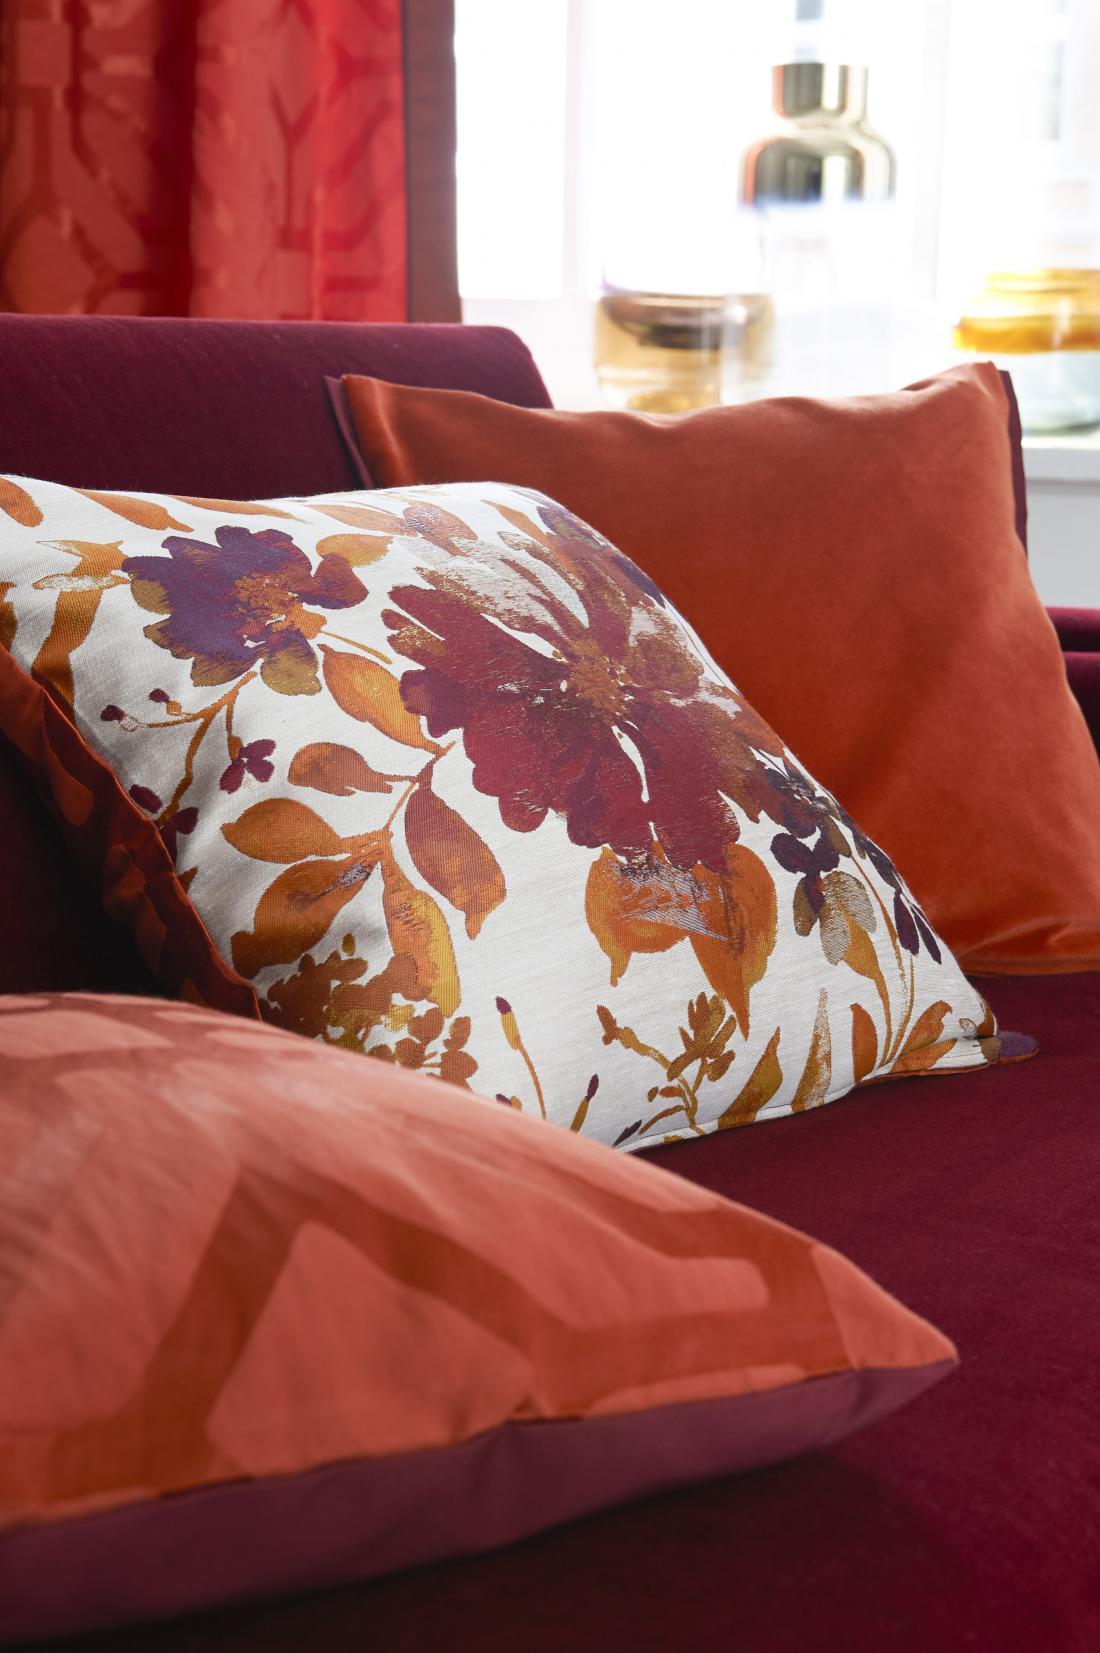 Nemško združenje vodilnih tekstilnih podjetij Deco team je med trendovske barvne kombinacije za letos uvrstilo tudi rdečerjave odtenke, ki jih lahko krasijo cvetlični vzorci (arhiv Deco team).